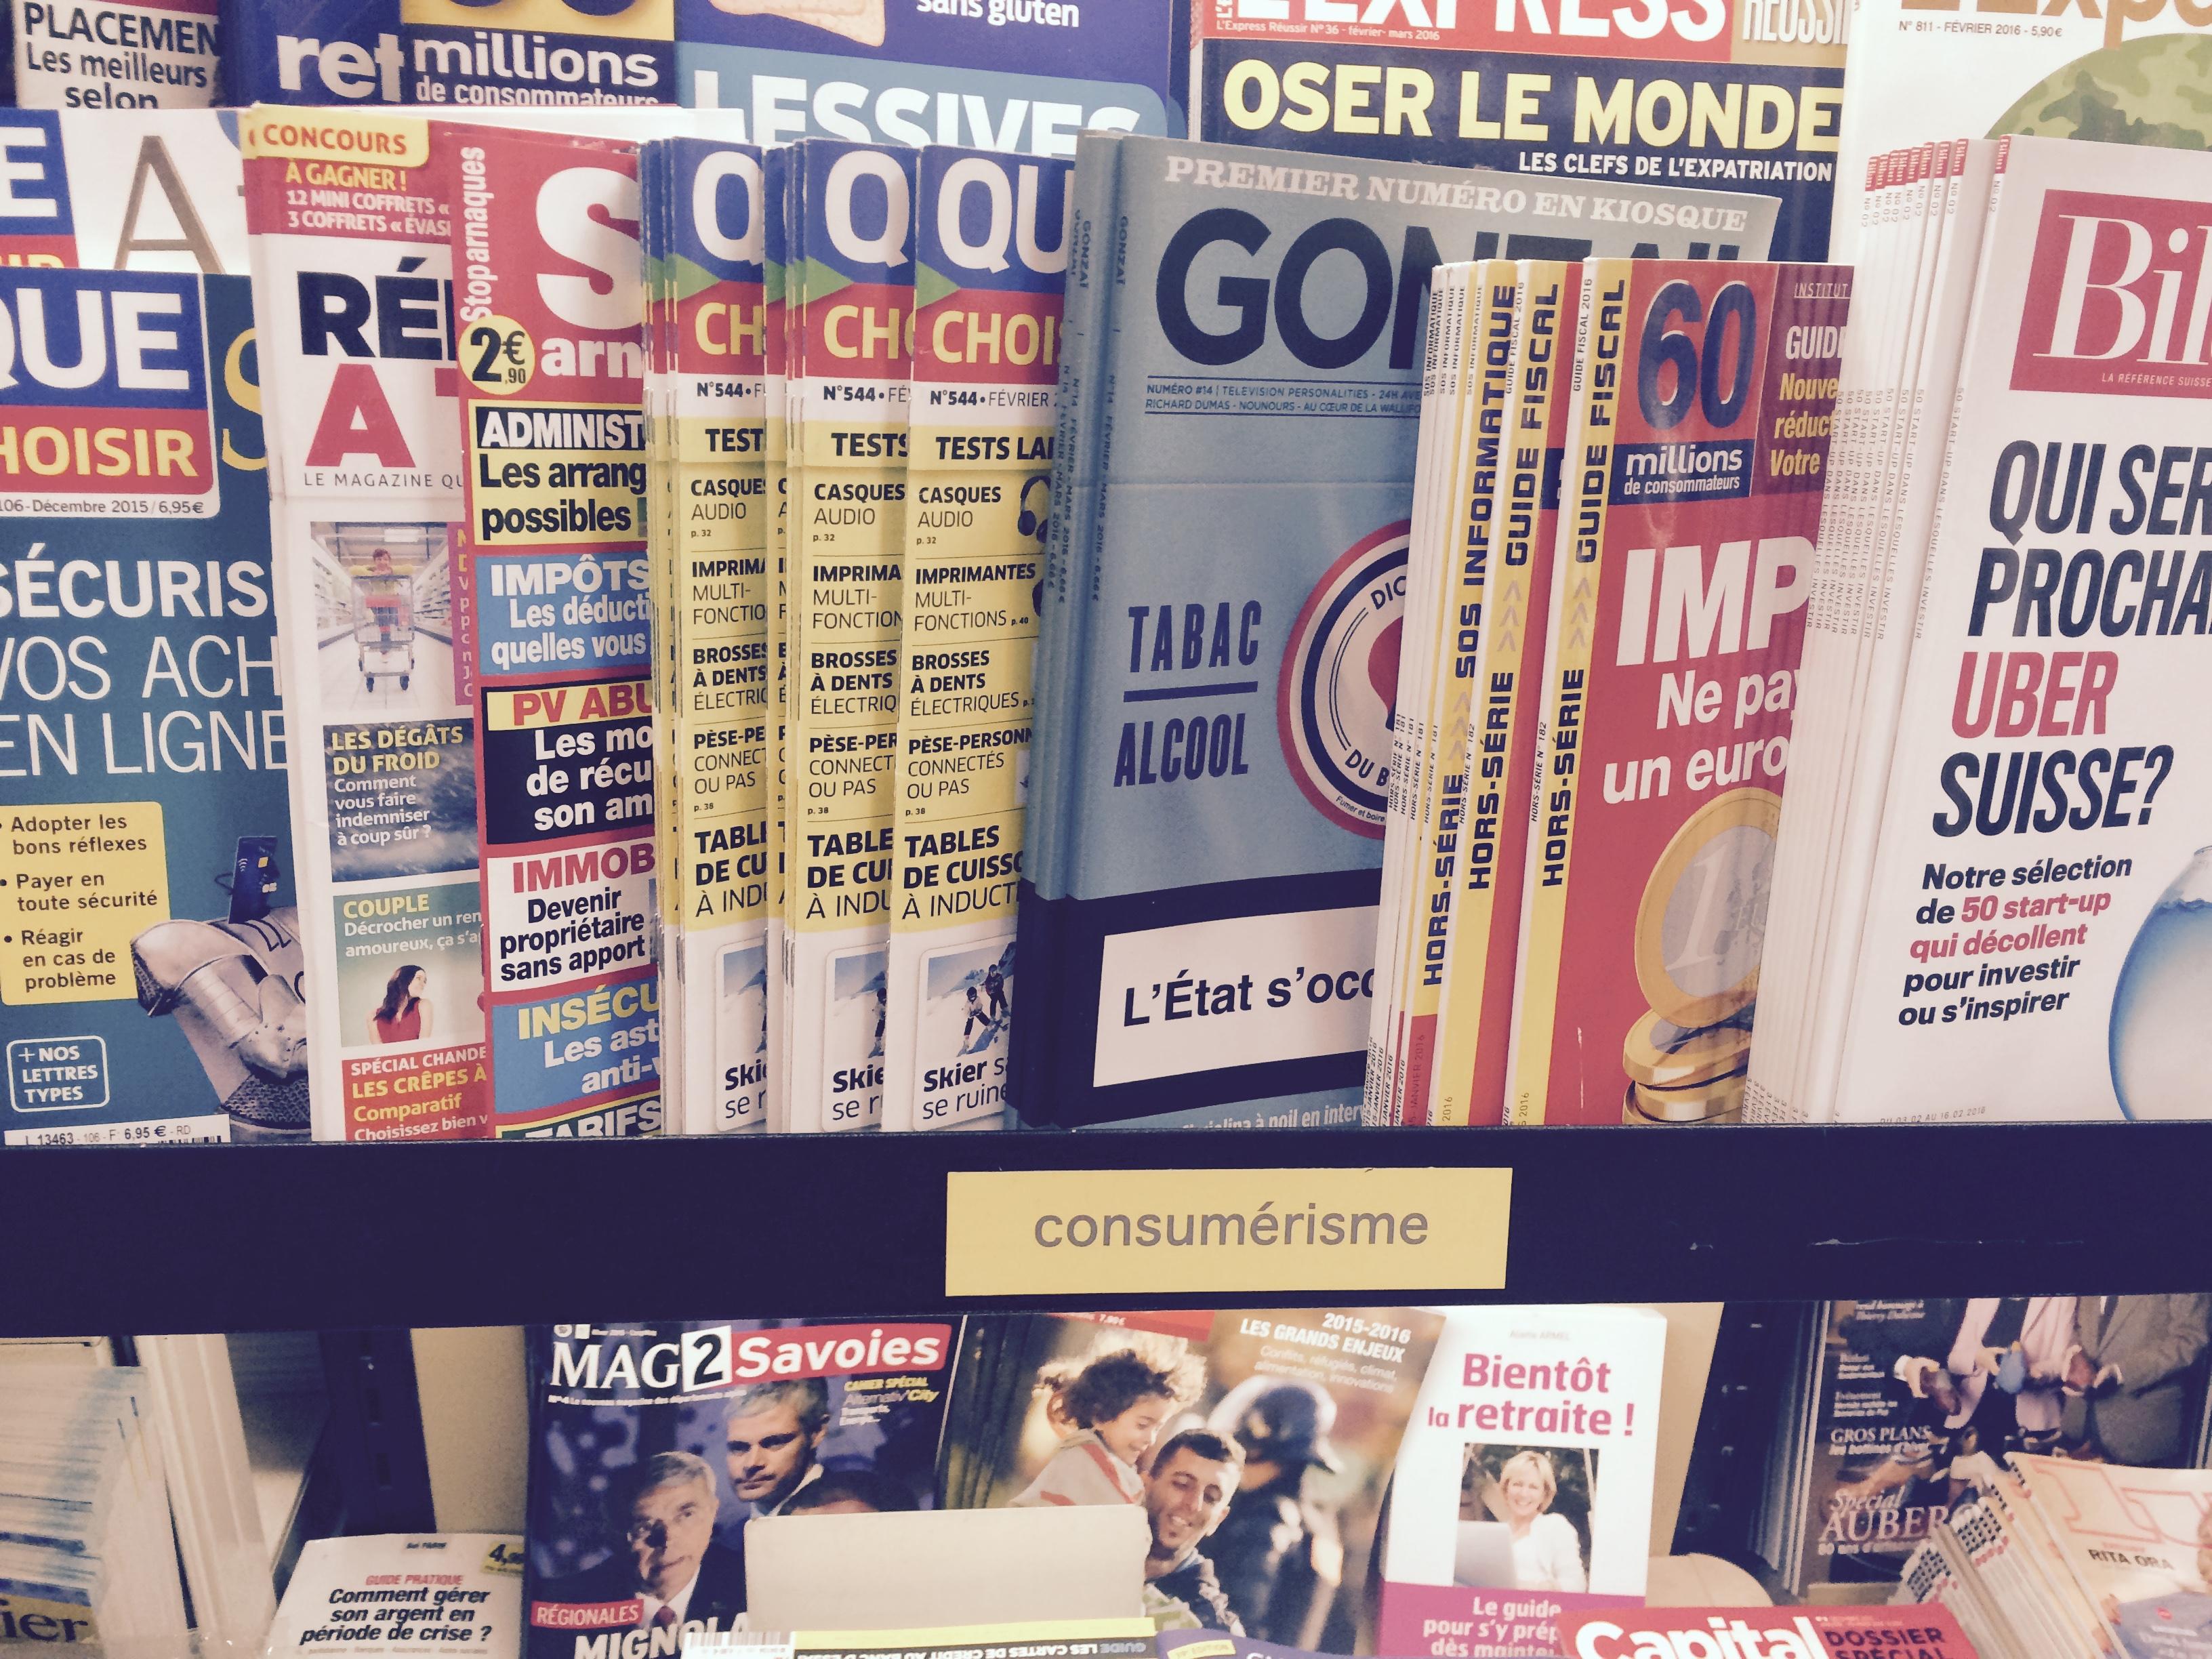 Le magazine gonza arrive en kiosque - Magazine le journal de la maison ...